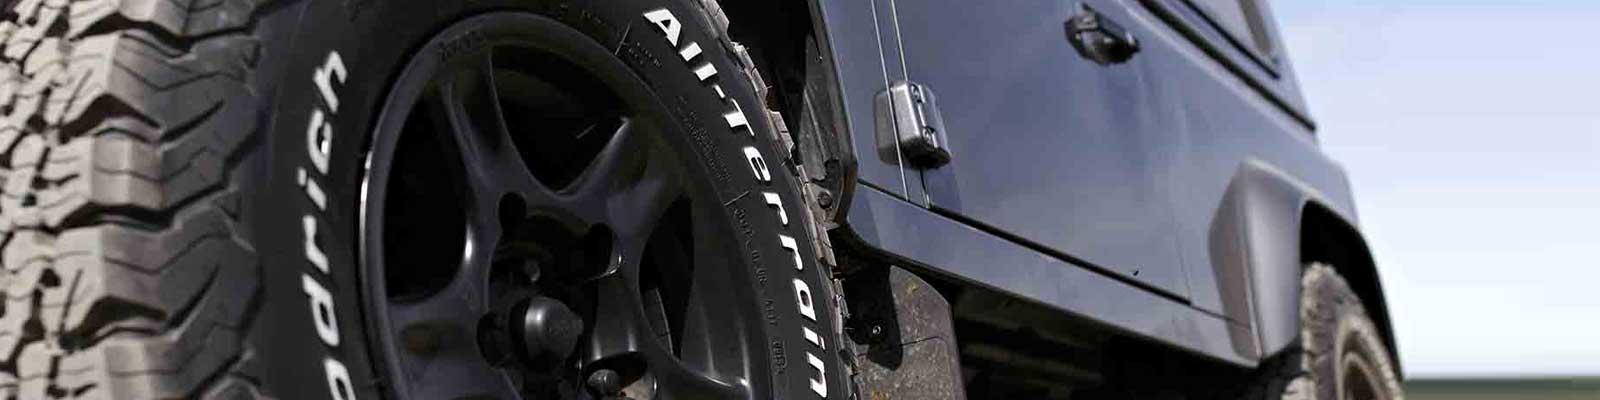 4x4 Tyre Specialist